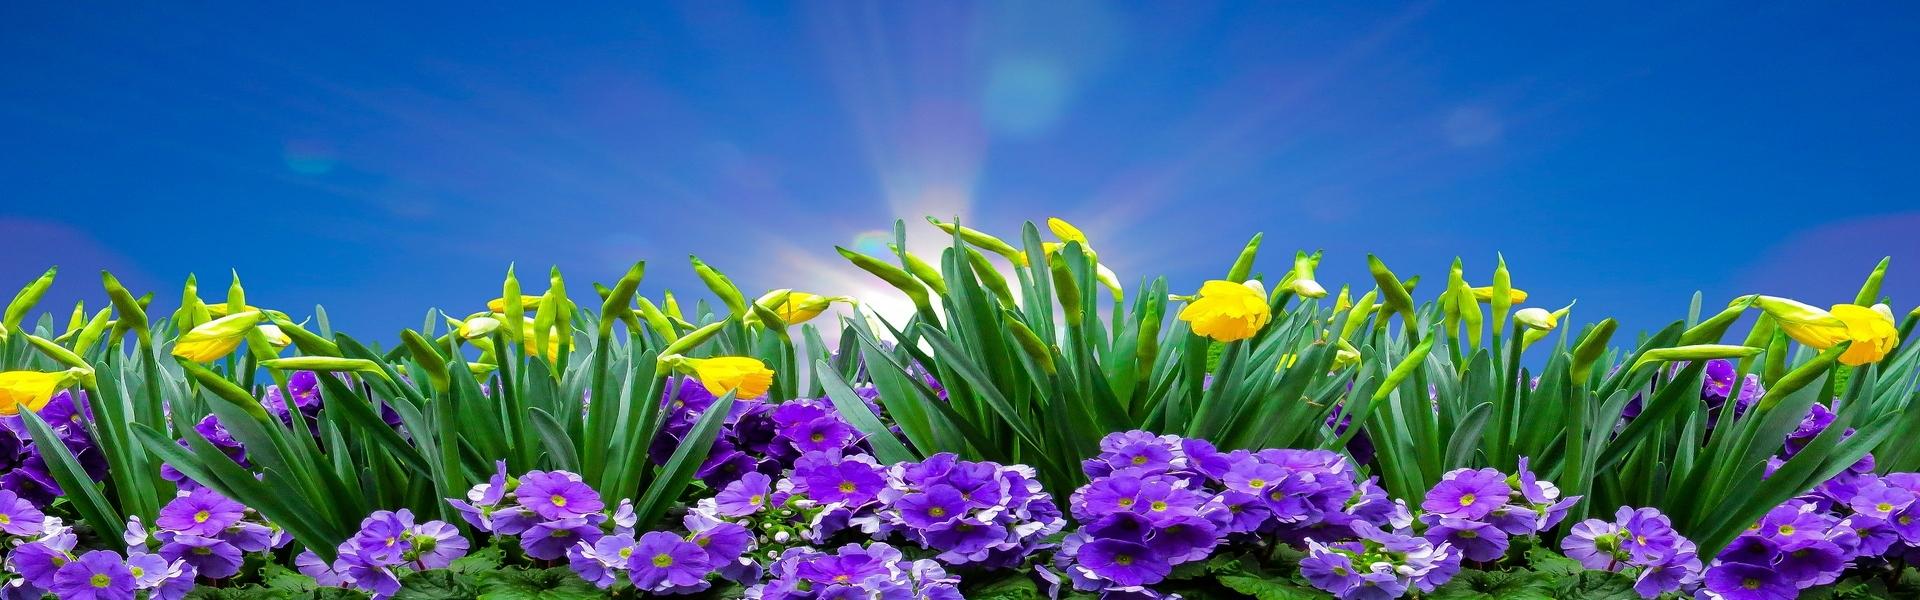 Itt a tavasz! Virágültetésekhez ajánljuk.